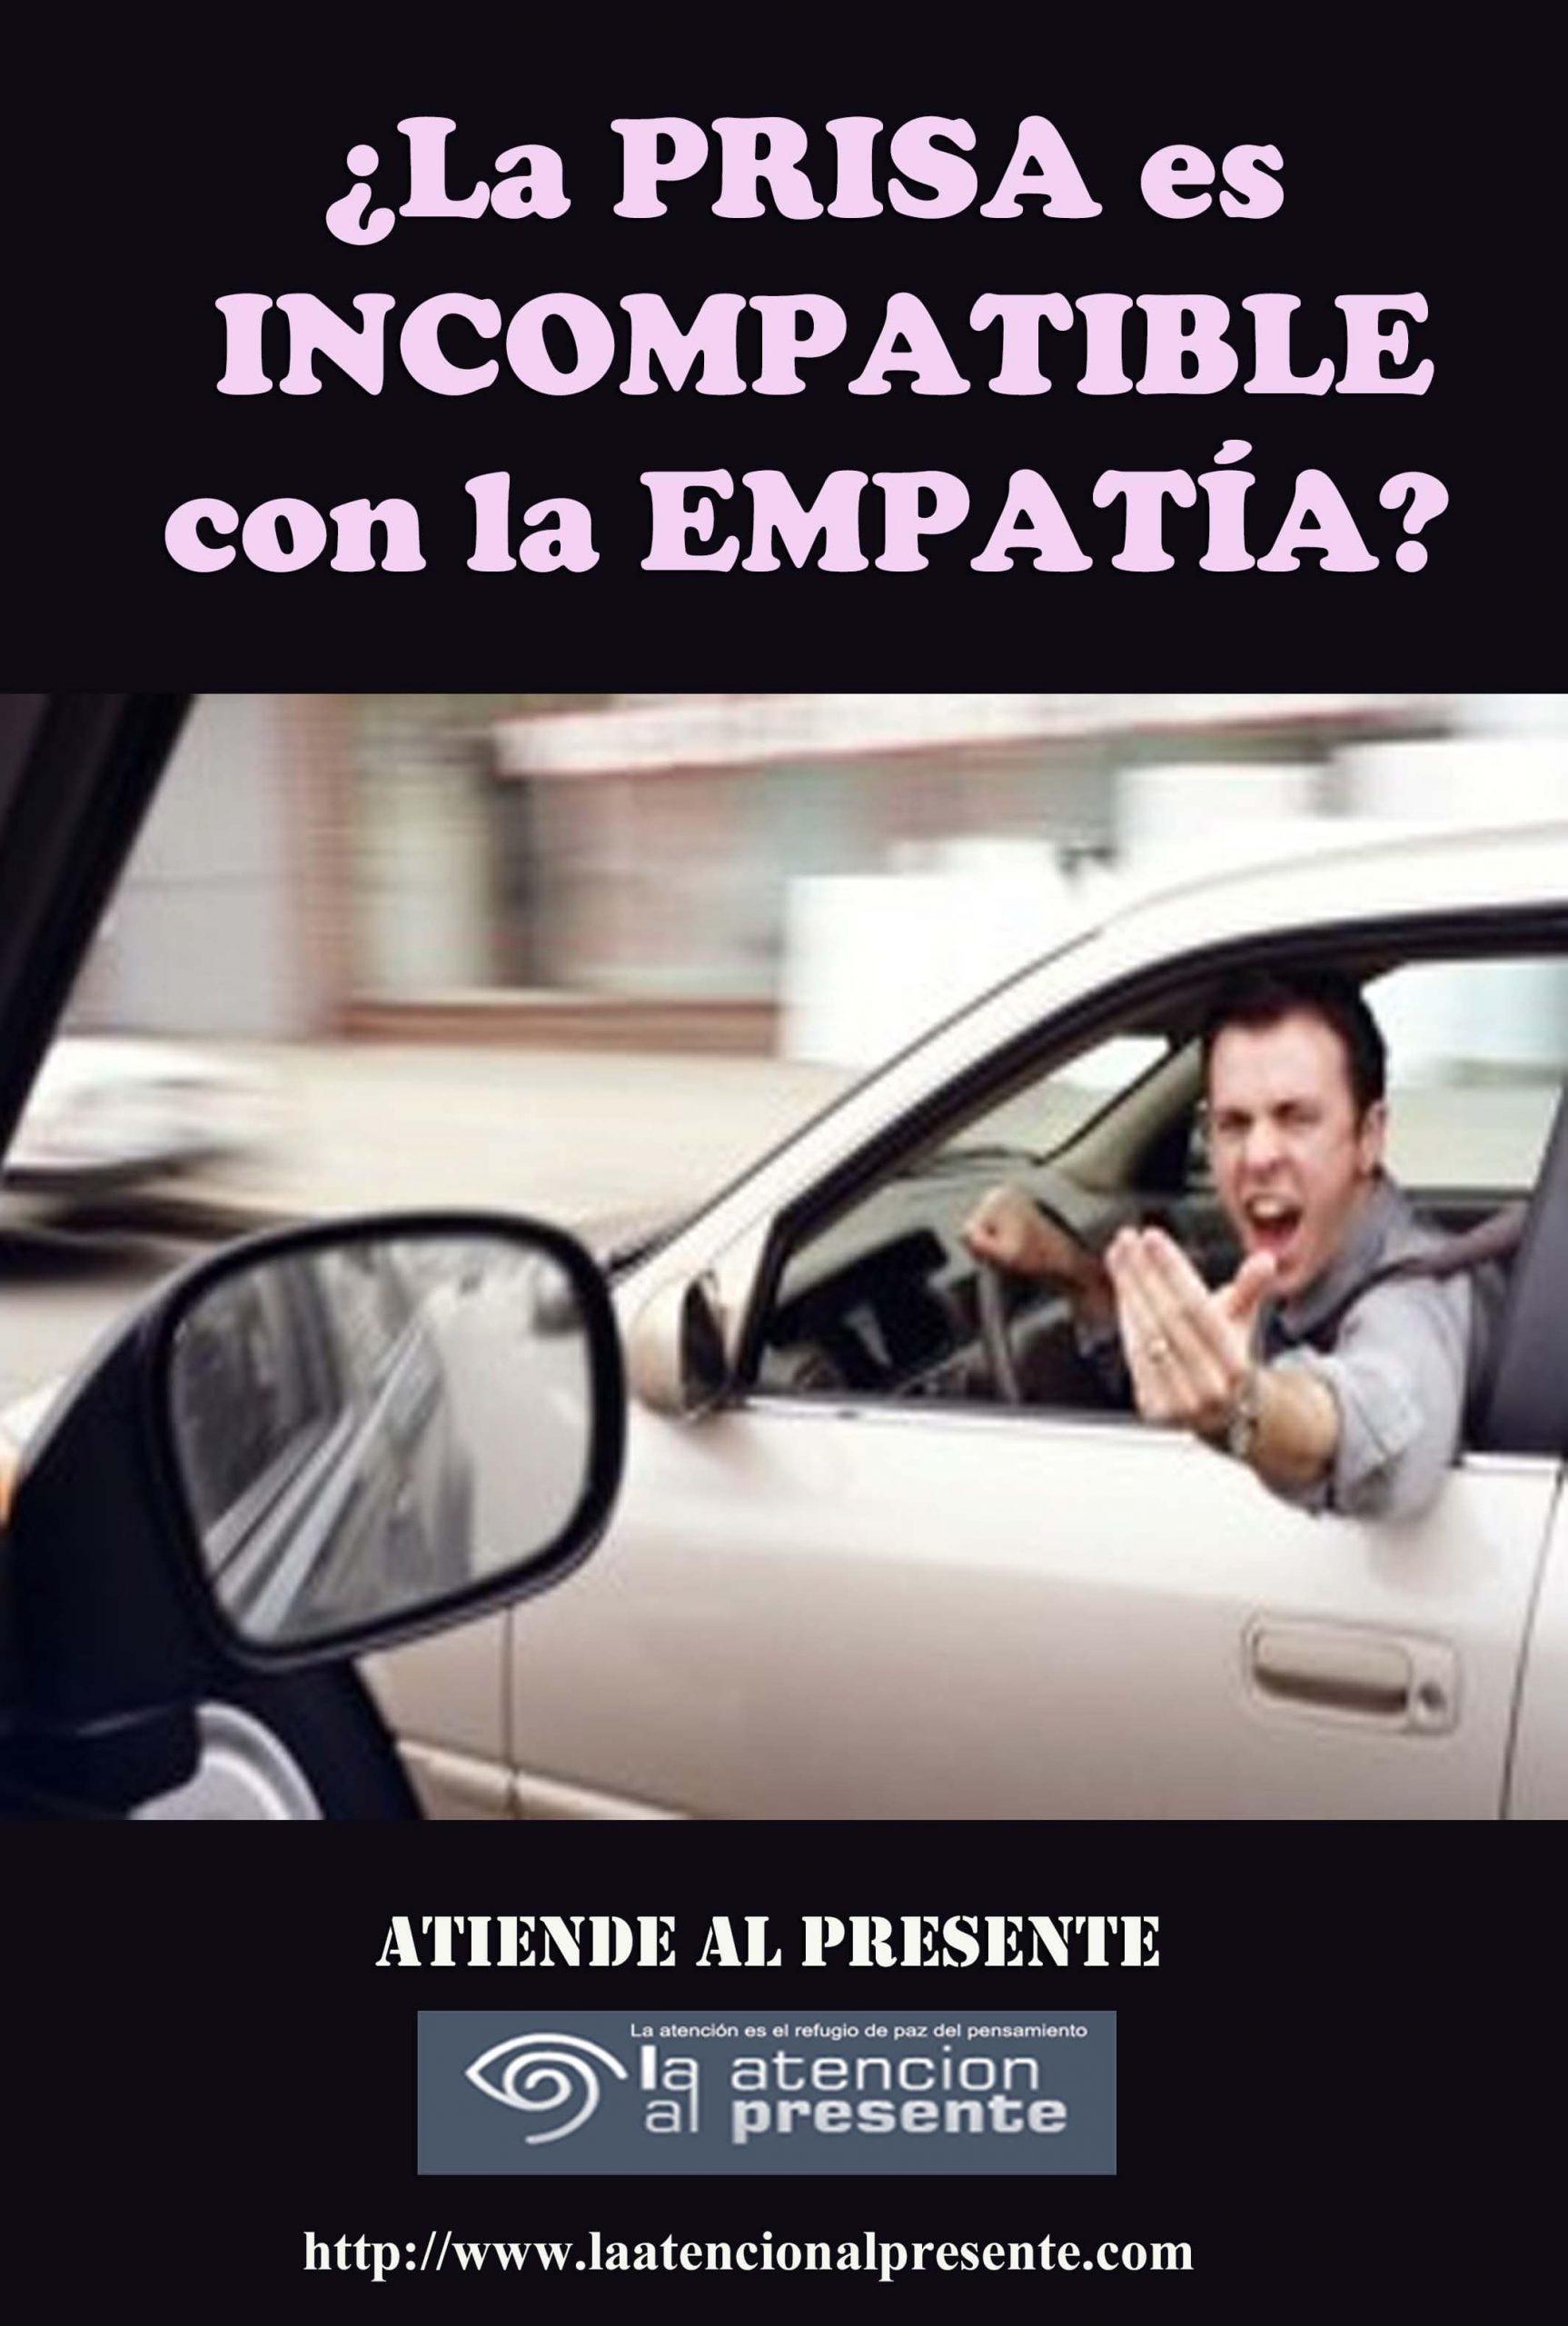 14 de mayo Esteban La PRISA es INCOMPATIBLE con la EMPATÍA min scaled